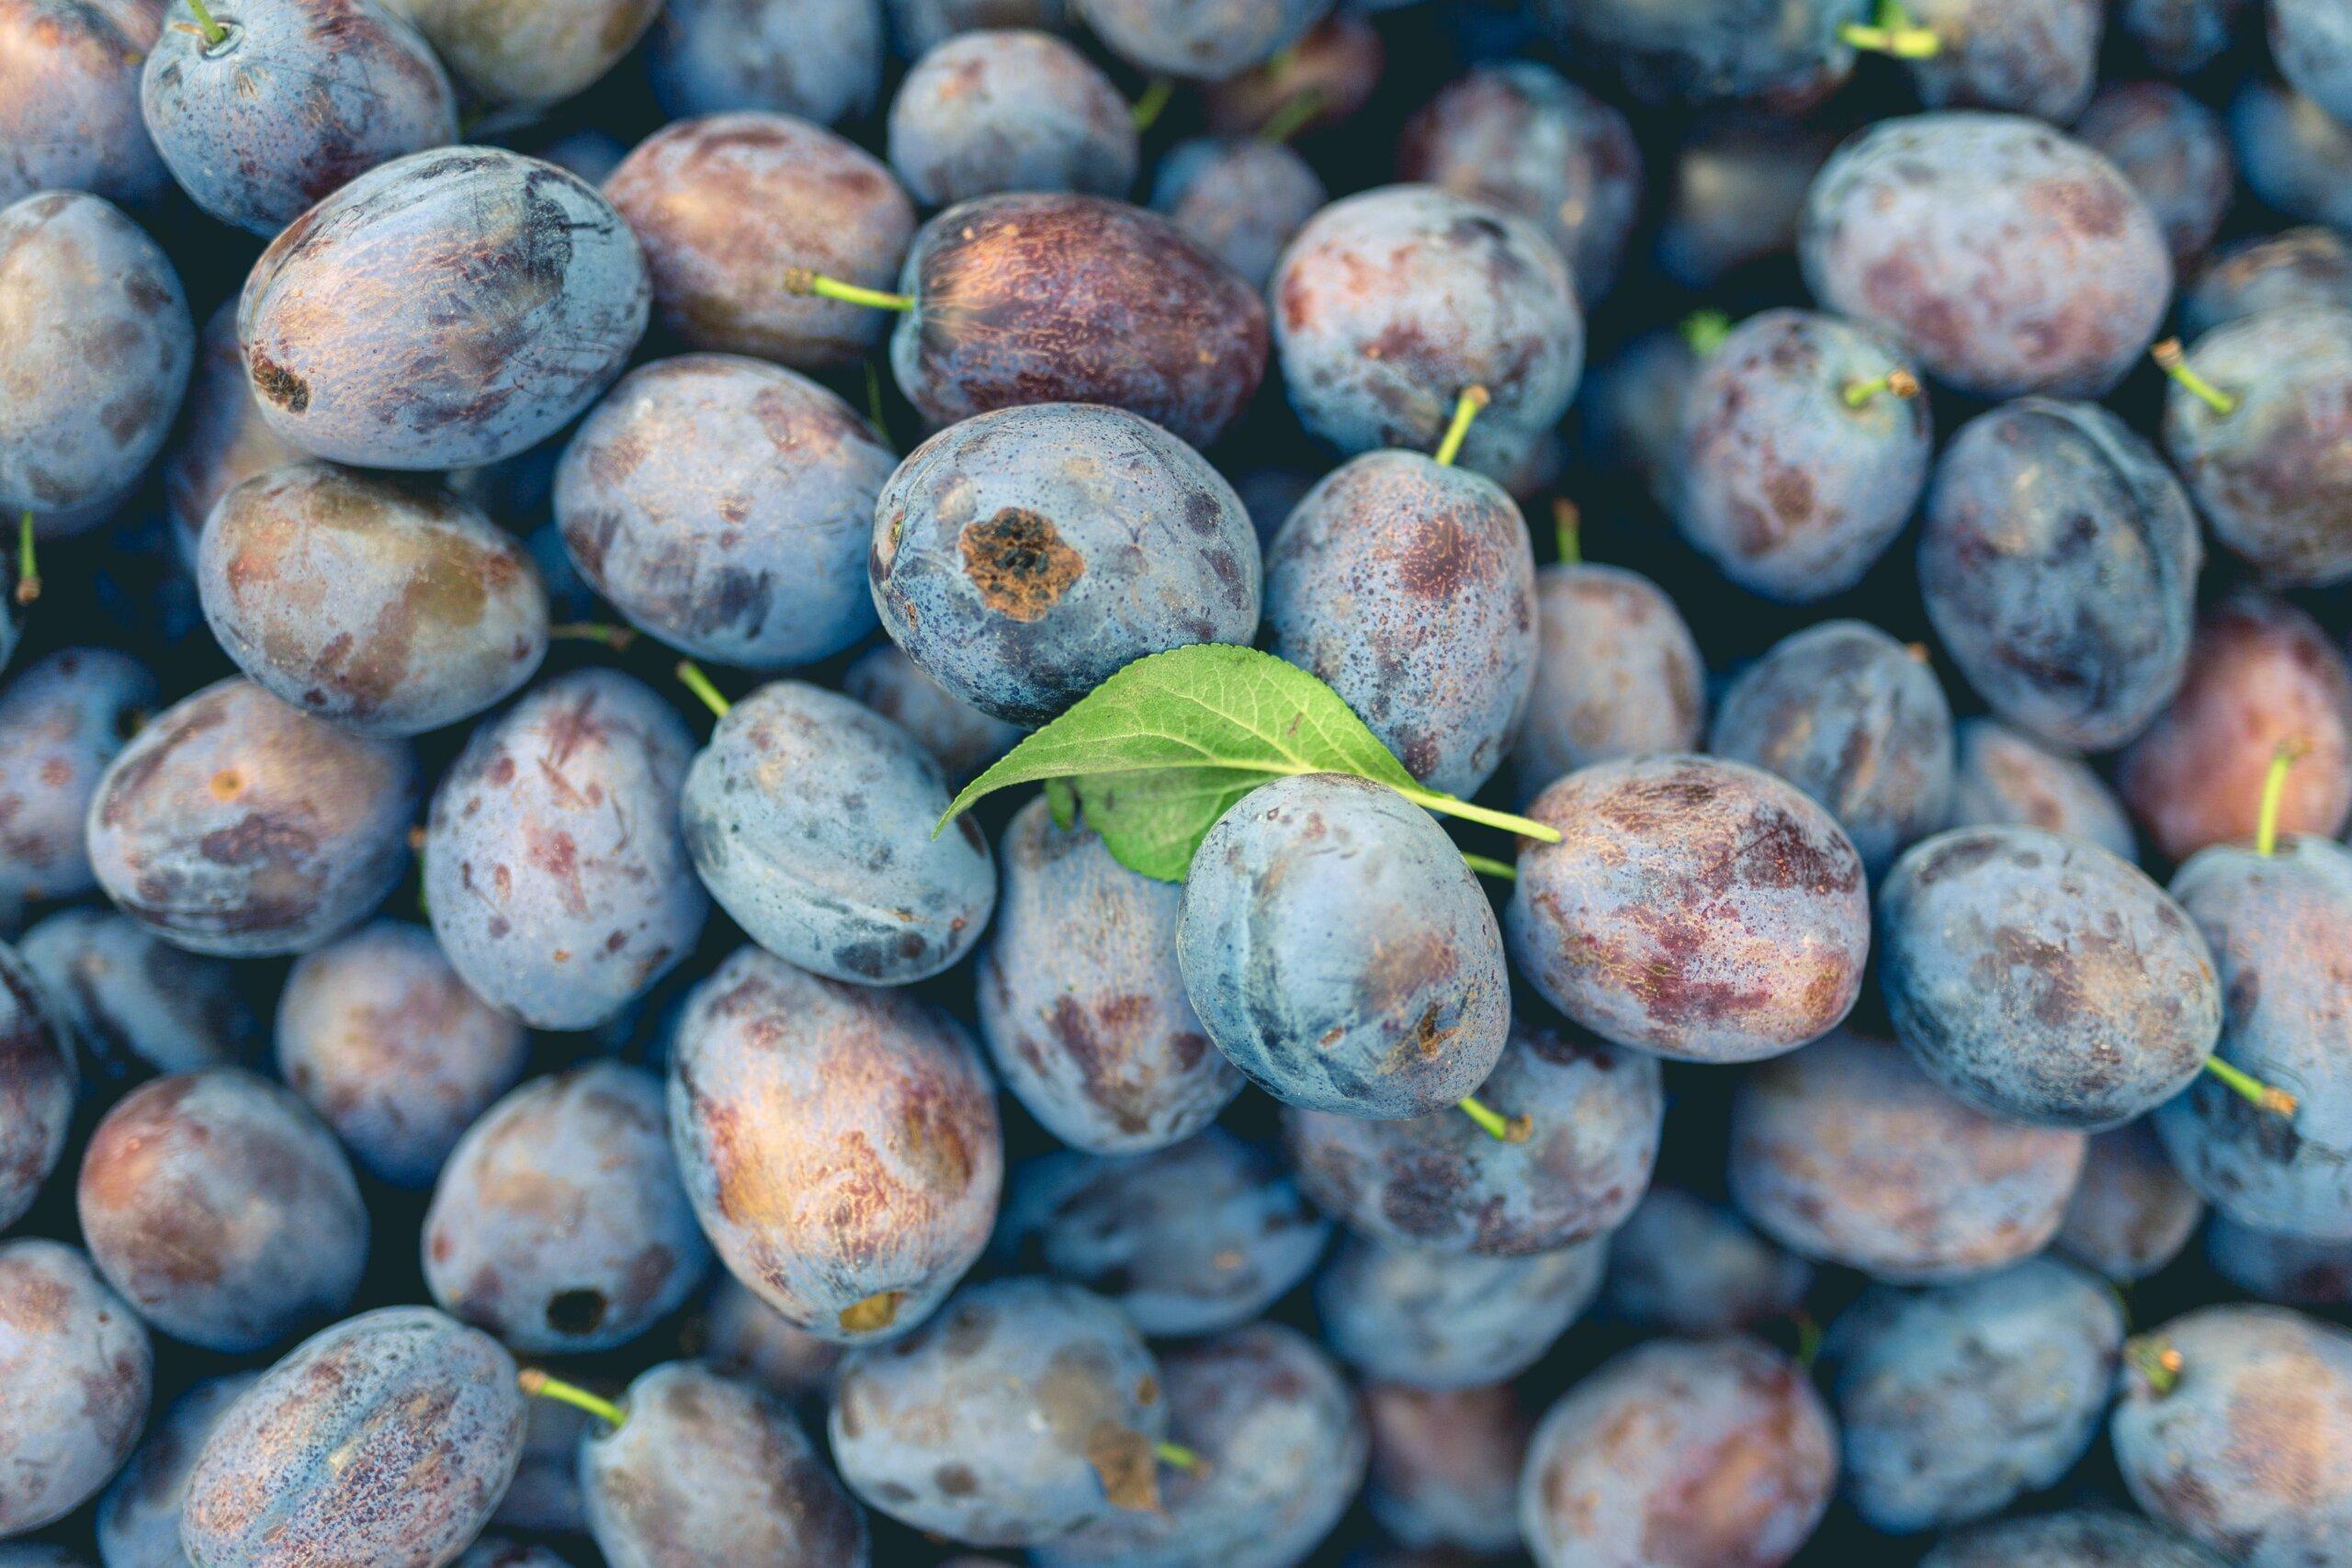 Fruitbedrijf Van den Berge pruimen (horizontaal)